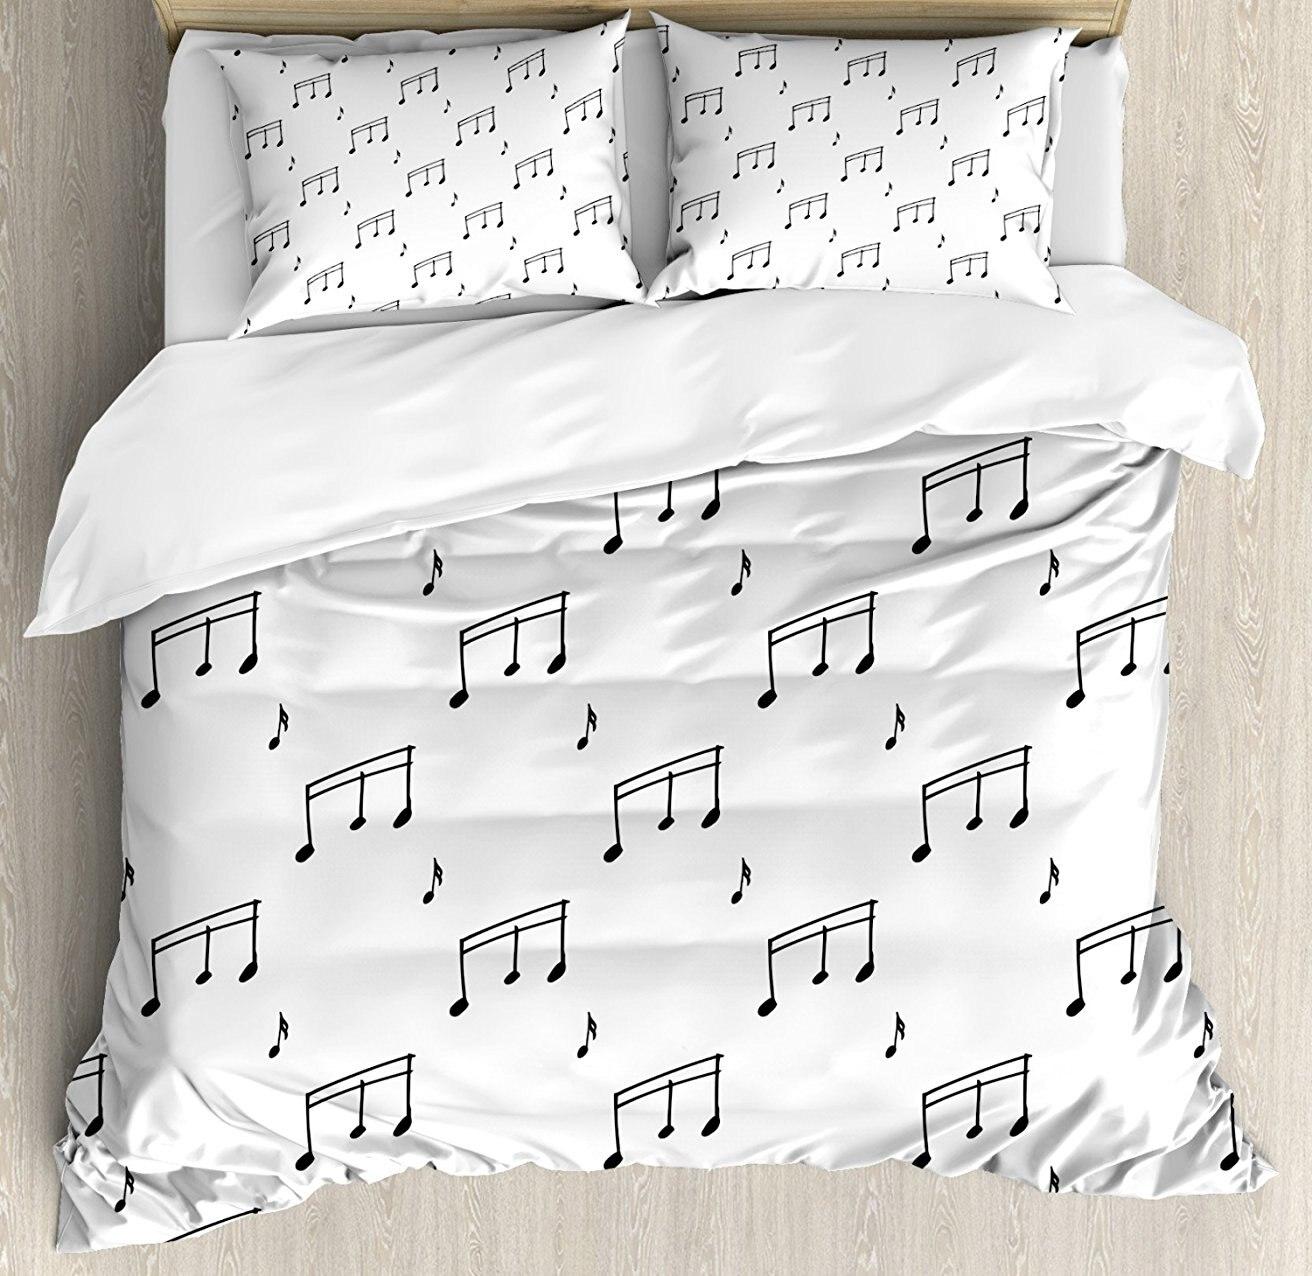 Музыка постельное белье музыкальные ноты тема Melody Sonata песни петь скрипичный ключ мелодии рисованной Стиль узор 4 шт. Постельное белье